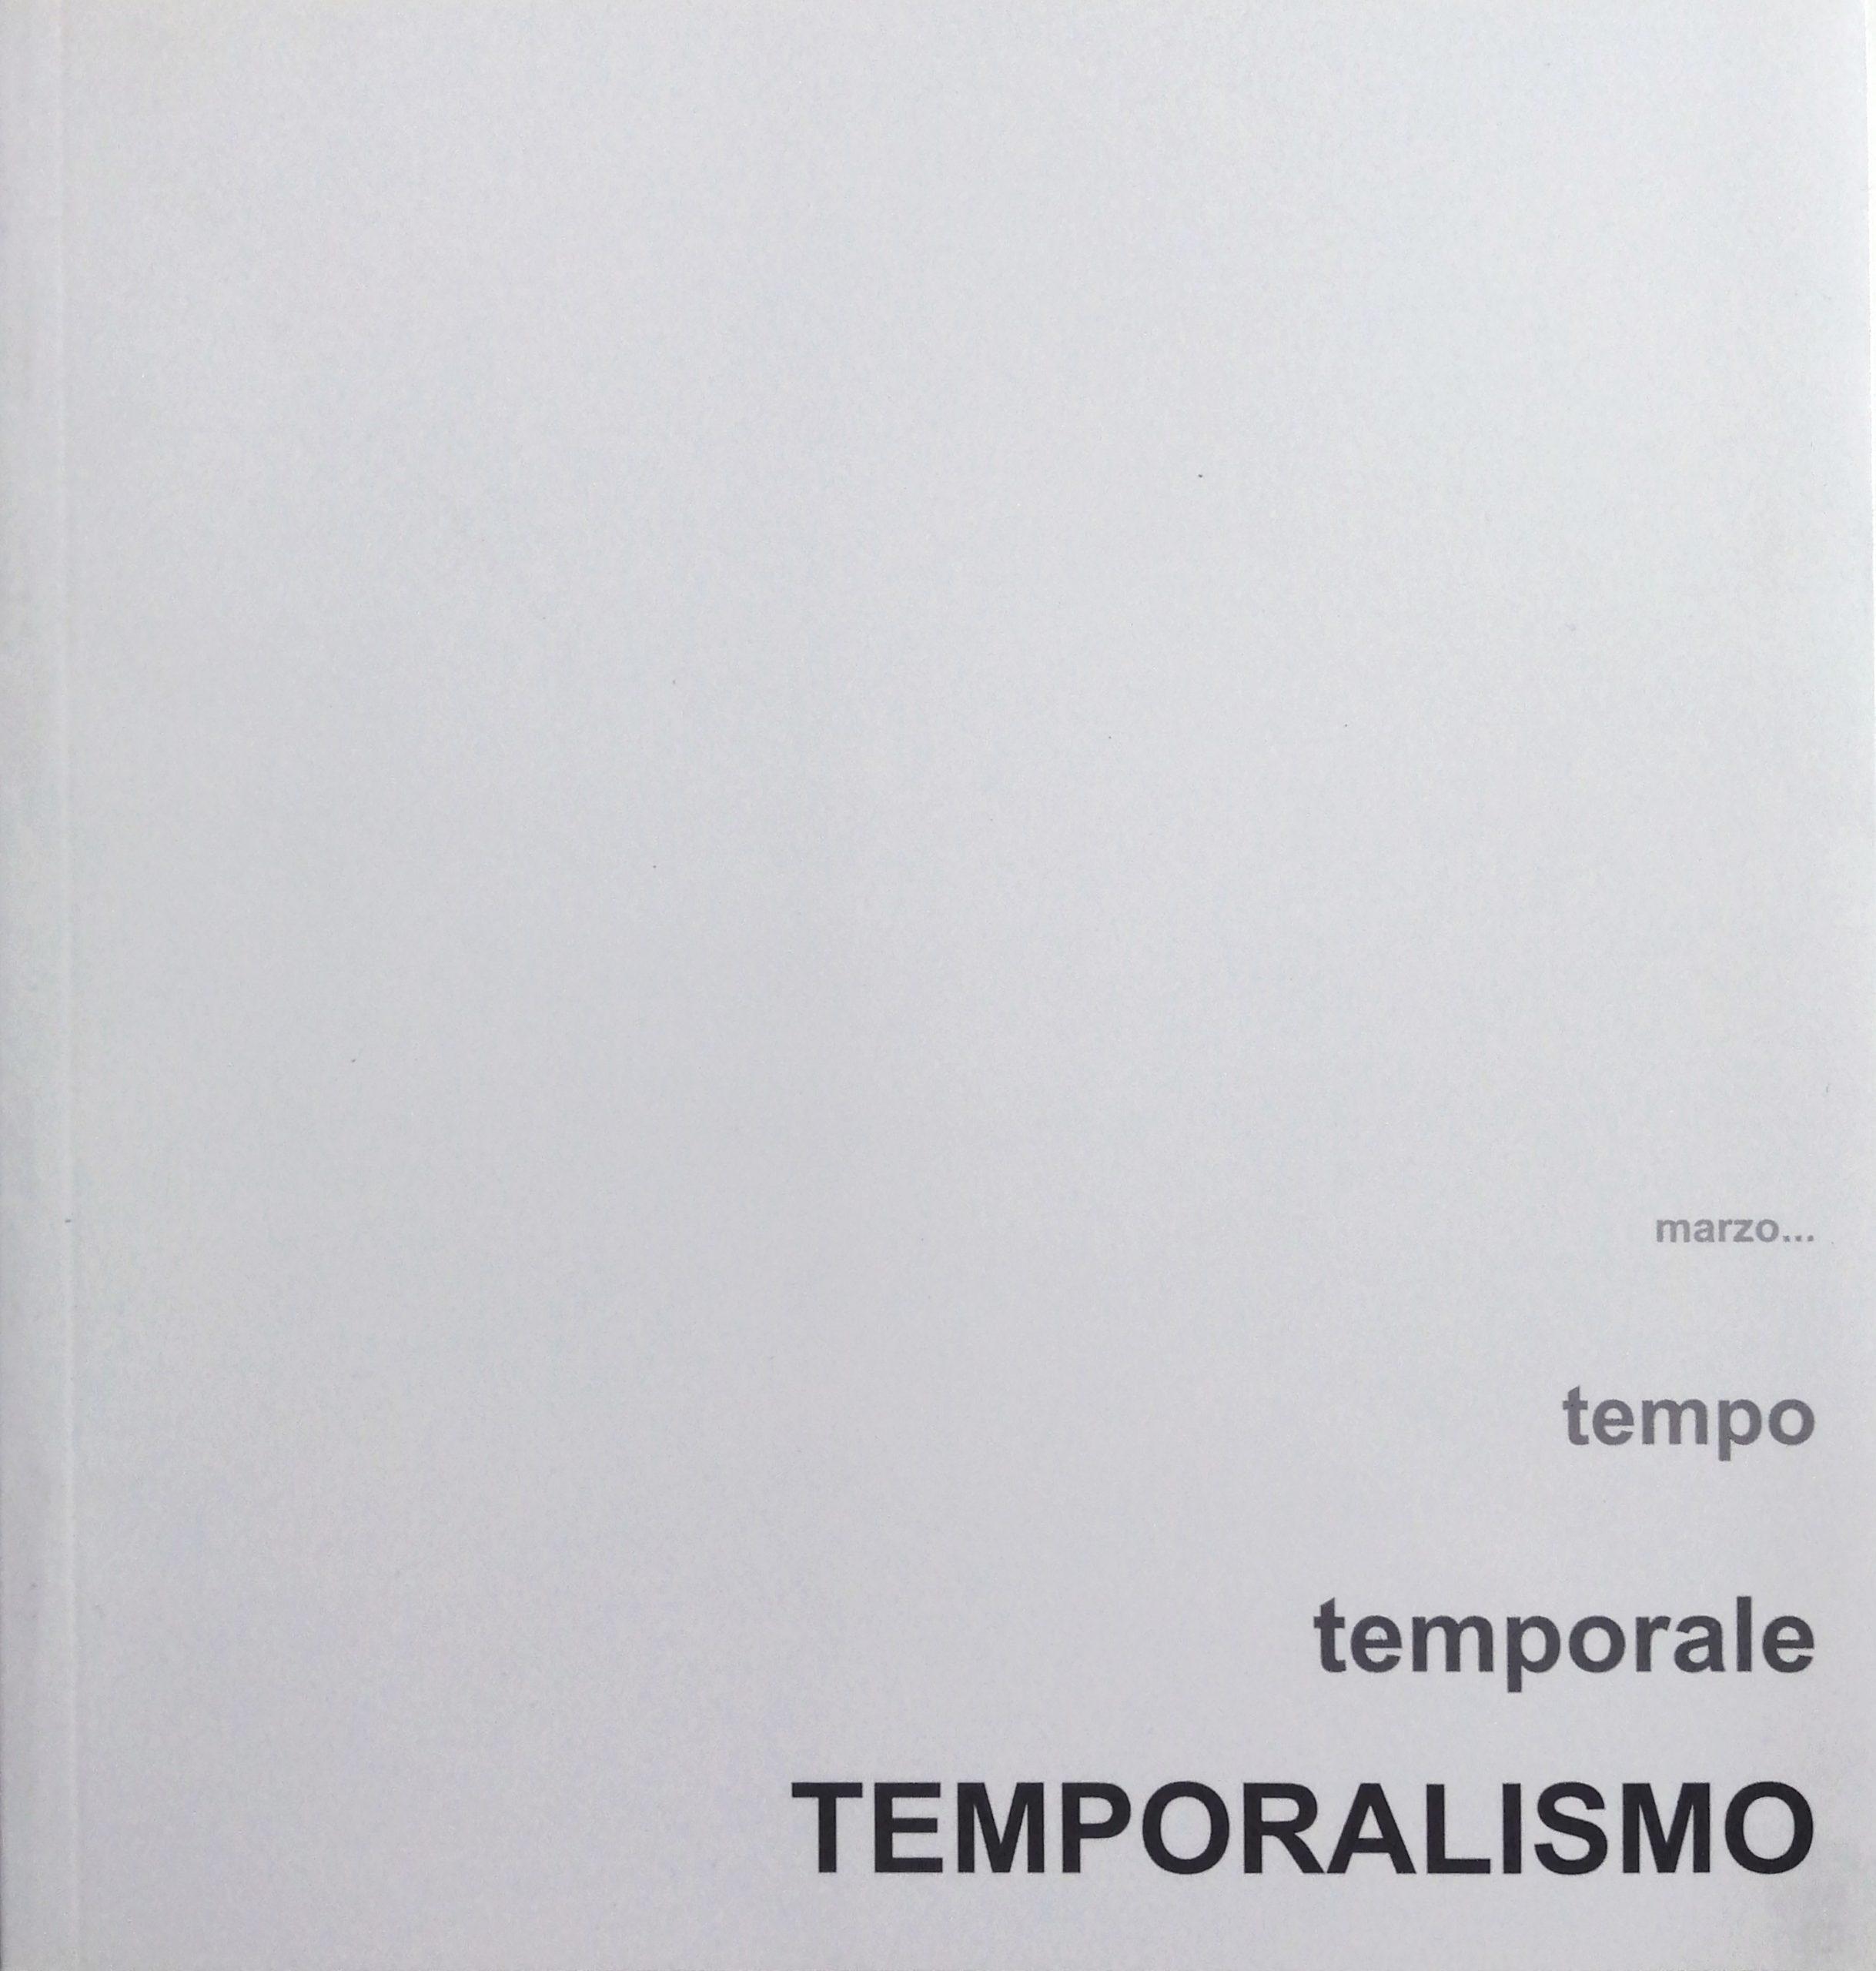 2014 Tempo temporale temporalismo Comune di Tolentino scaled - Bibliography/ Catalogues